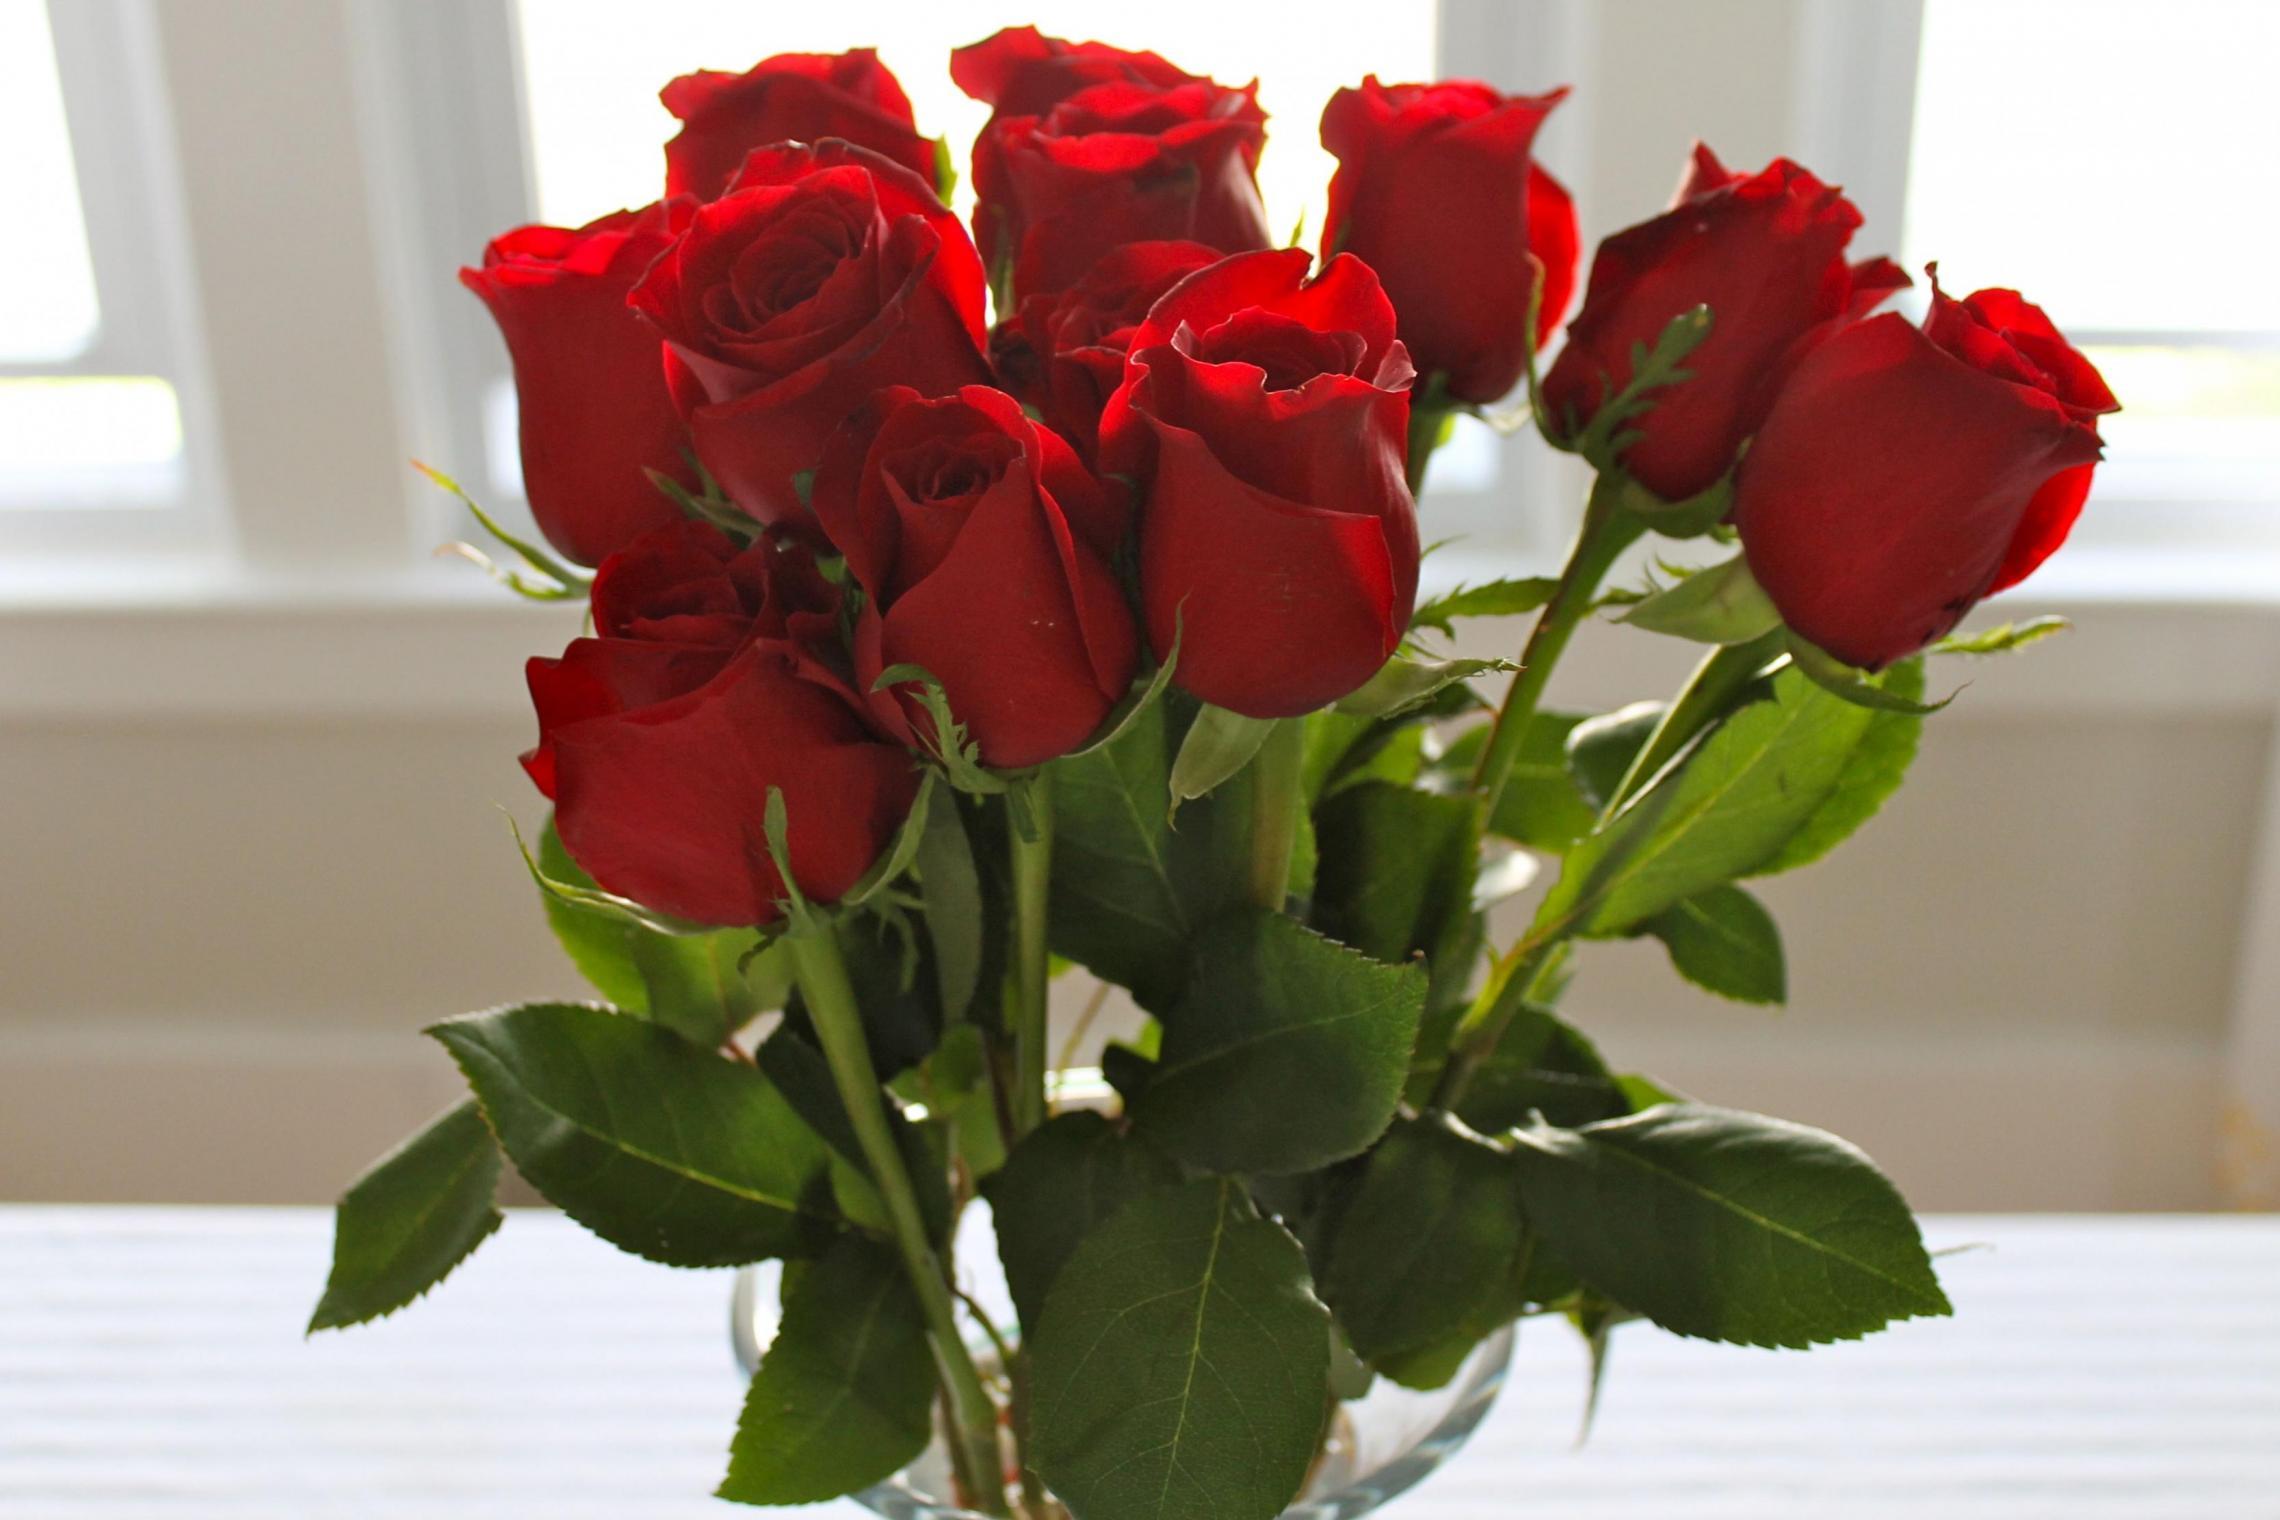 صورة صور اجمل وردة حمراء , ورود حمراء خلابة بالصور